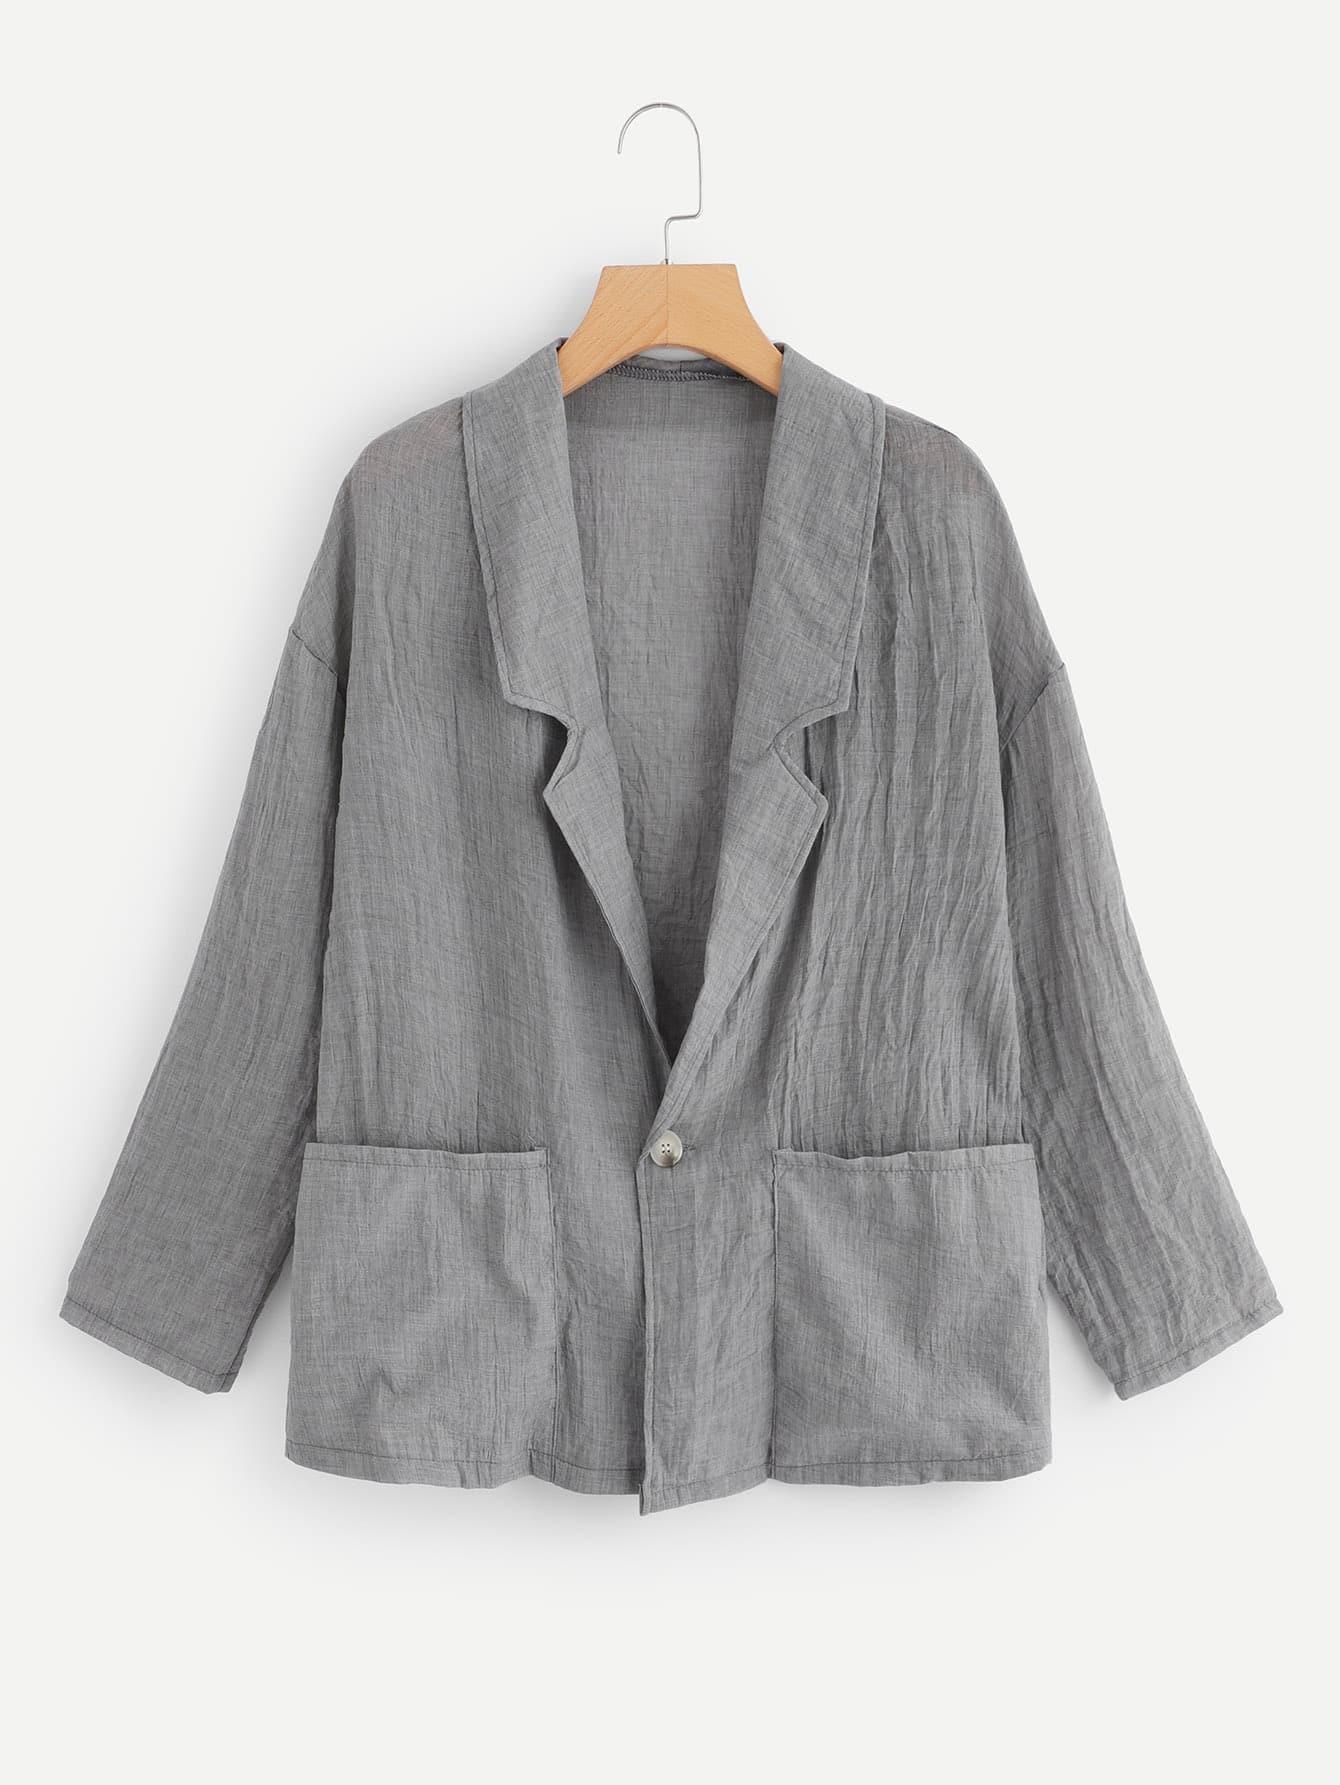 Купить Пиджак с падениями плеча и с украшением двух кармана, null, SheIn